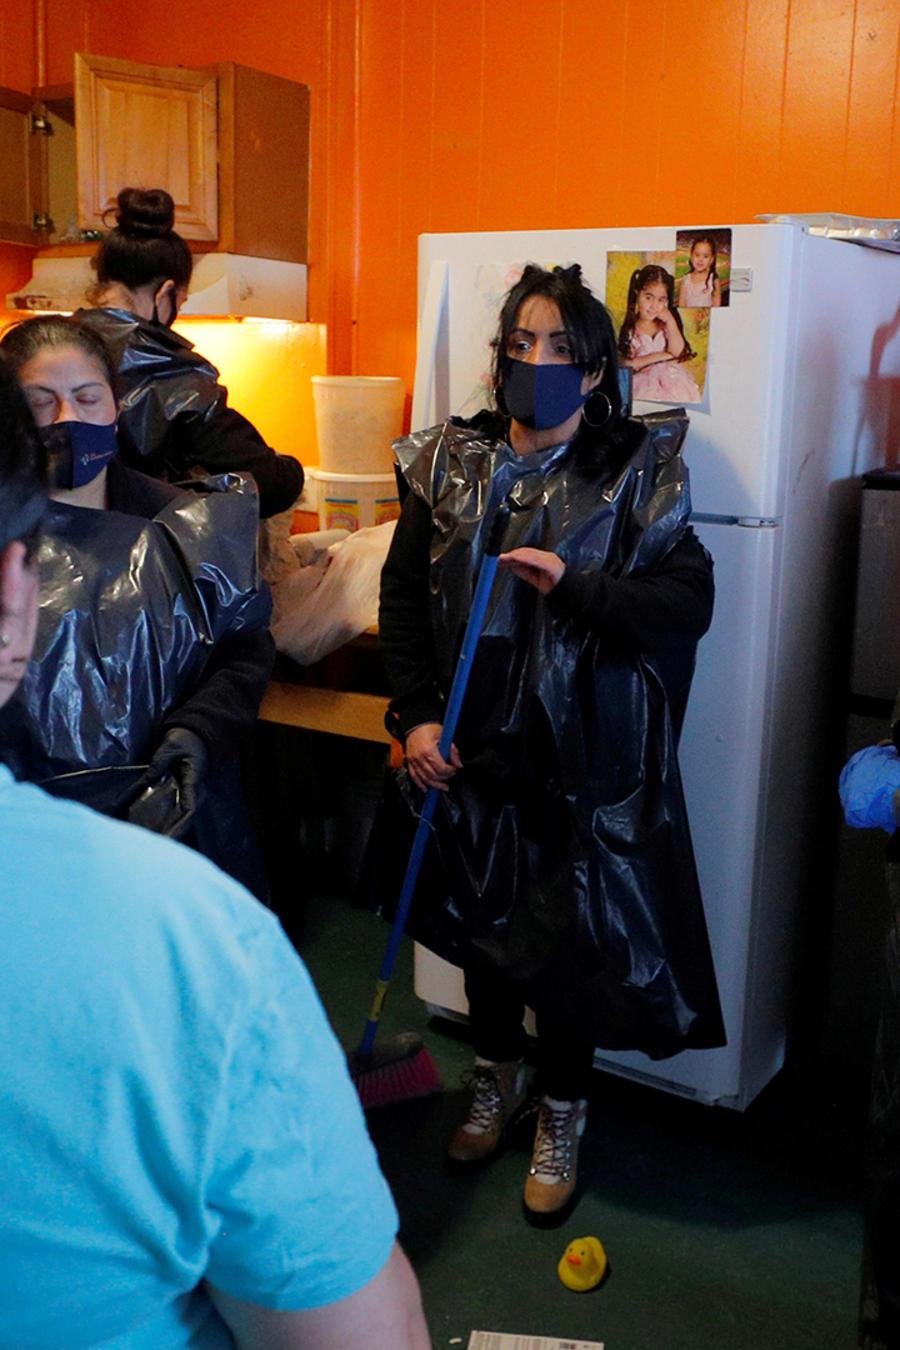 El personal de La Colaborativa ayuda a una residente que está siendo desalojada a empacar sus pertenencias en Chelsea, Massachusetts, en marzo de 2021. La Colaborativa ayuda a los residentes de Chelsea, una de las ciudades de EE.UU. más afectadas por la p